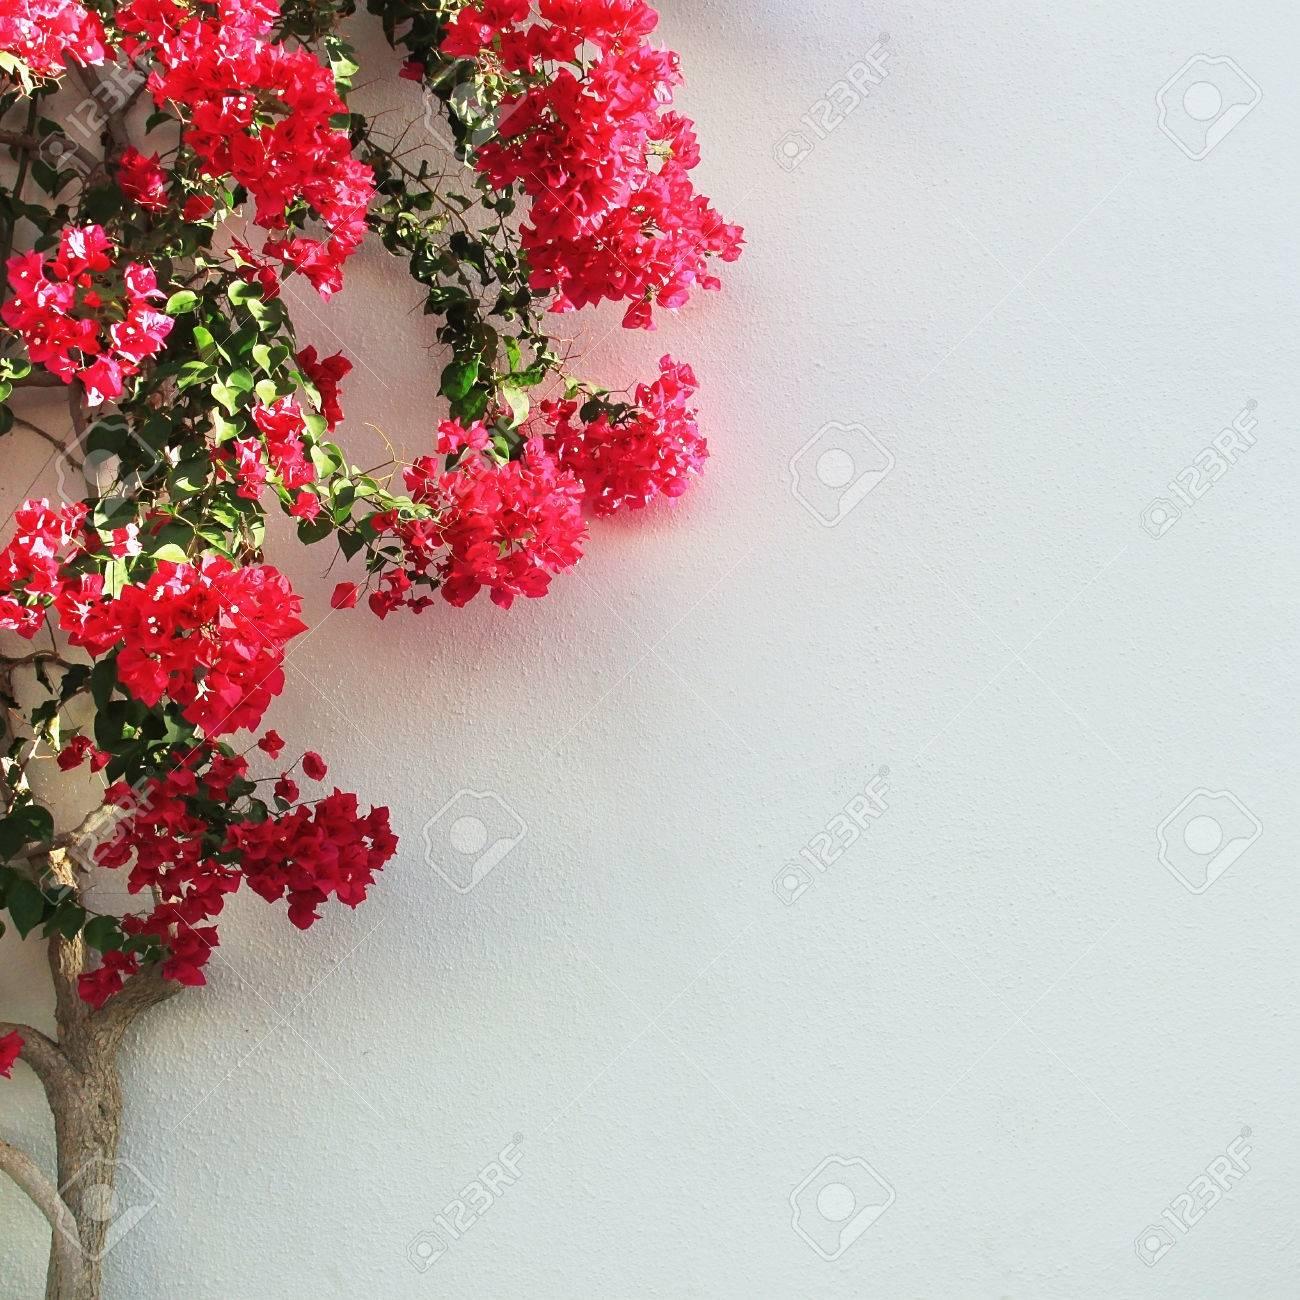 Weisse Wand Und Baum Mit Roten Blumen Lizenzfreie Fotos Bilder Und